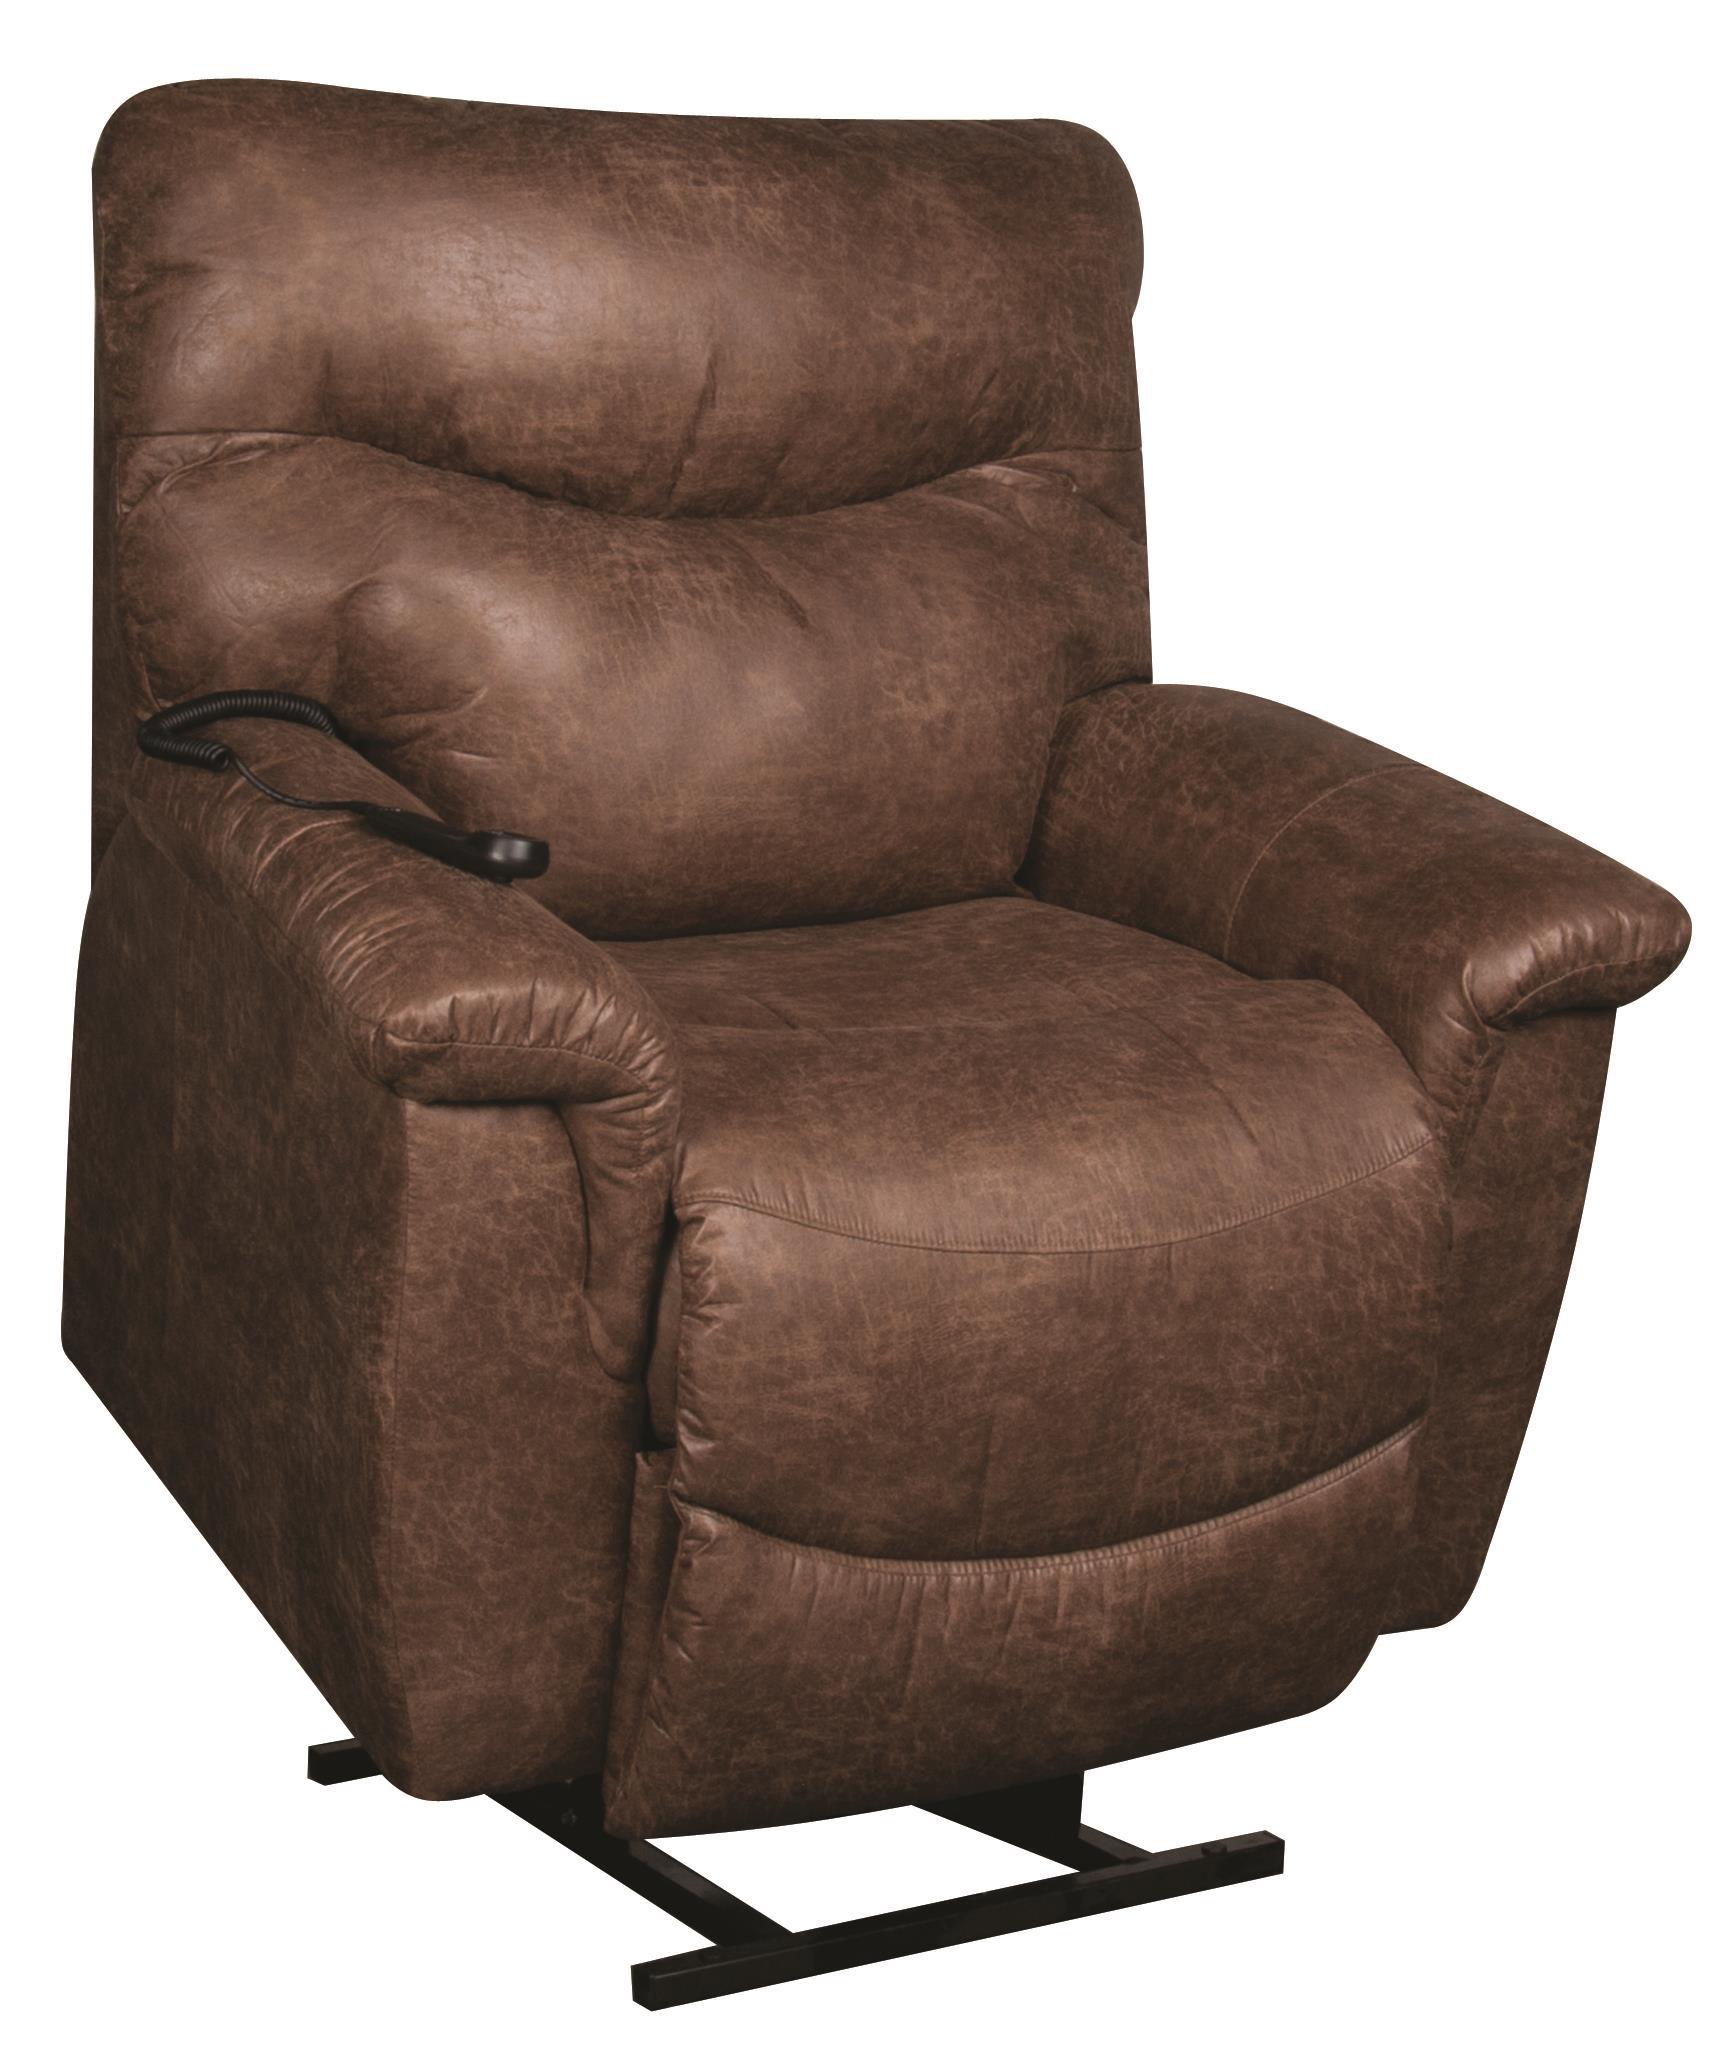 La Z Boy JamesJames Lift Chair La Z Boy James